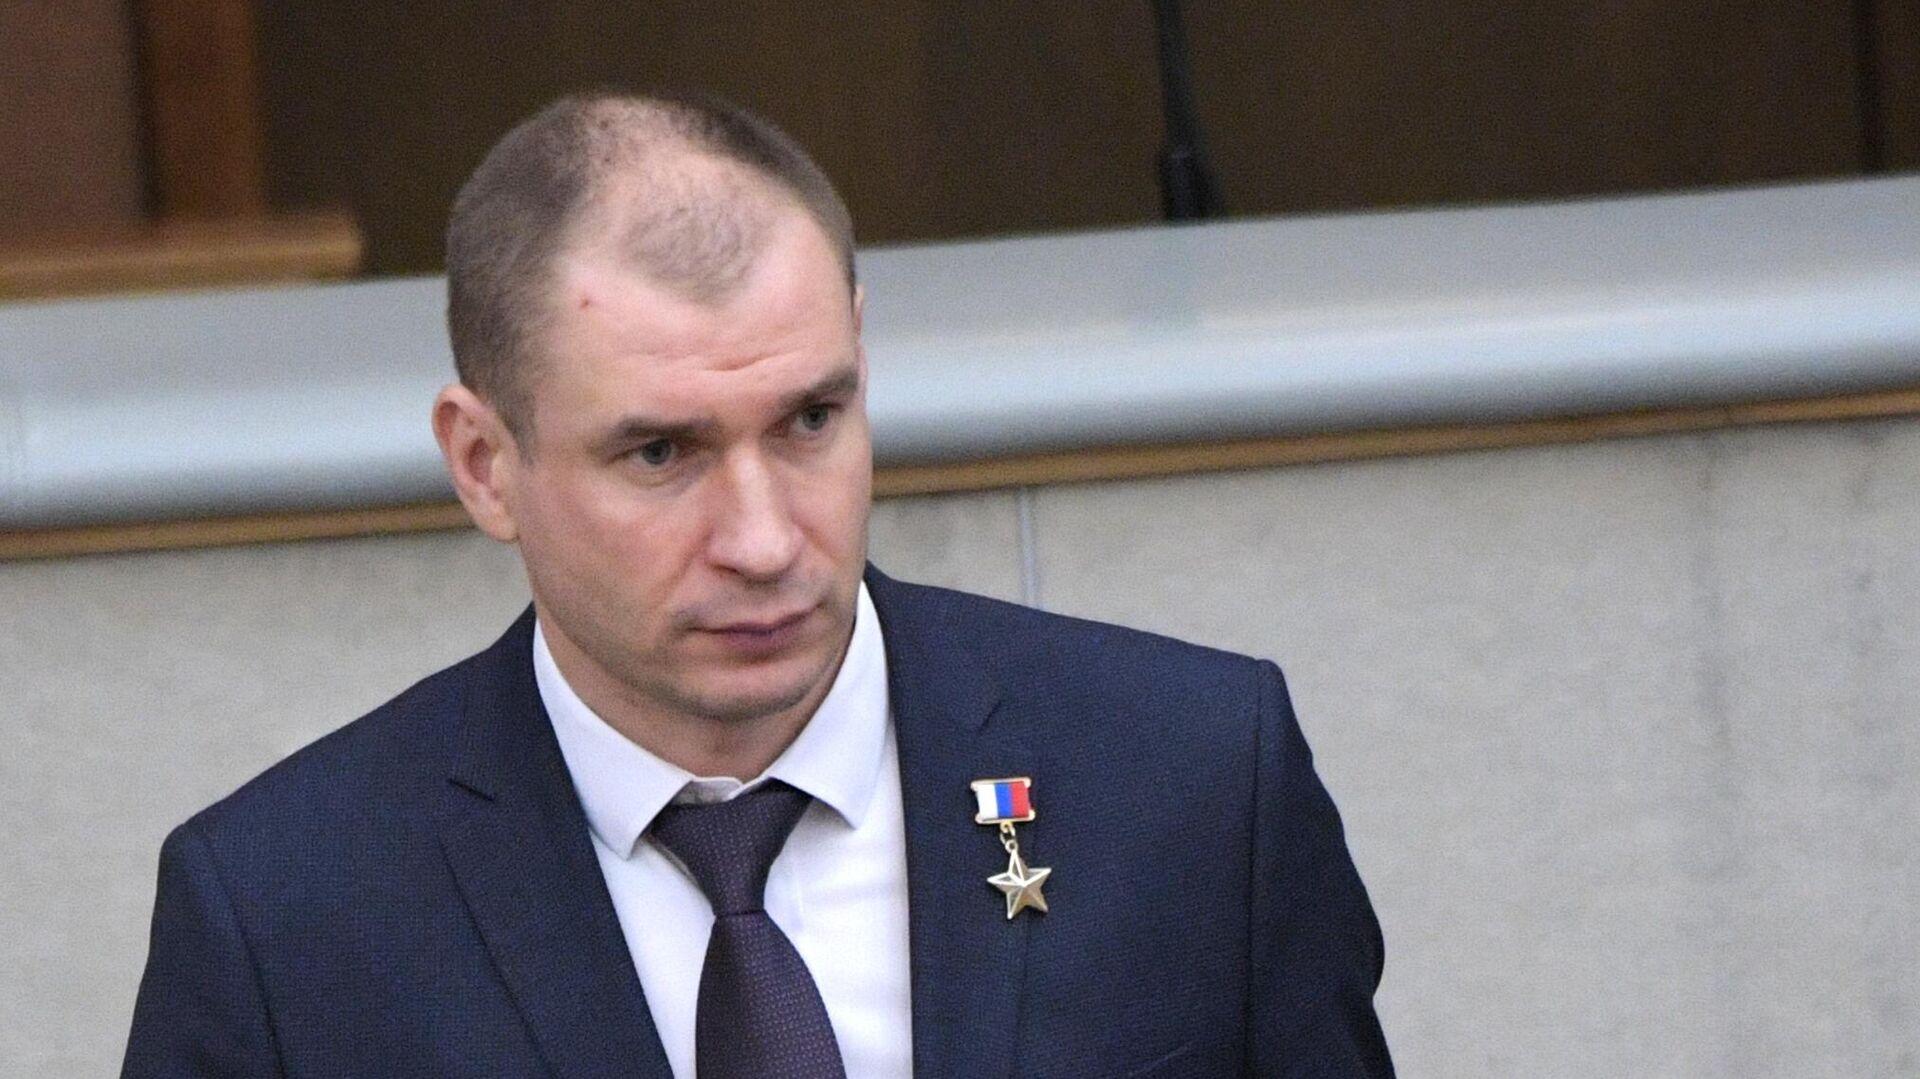 Кисляка переназначили сенатором от Мордовии